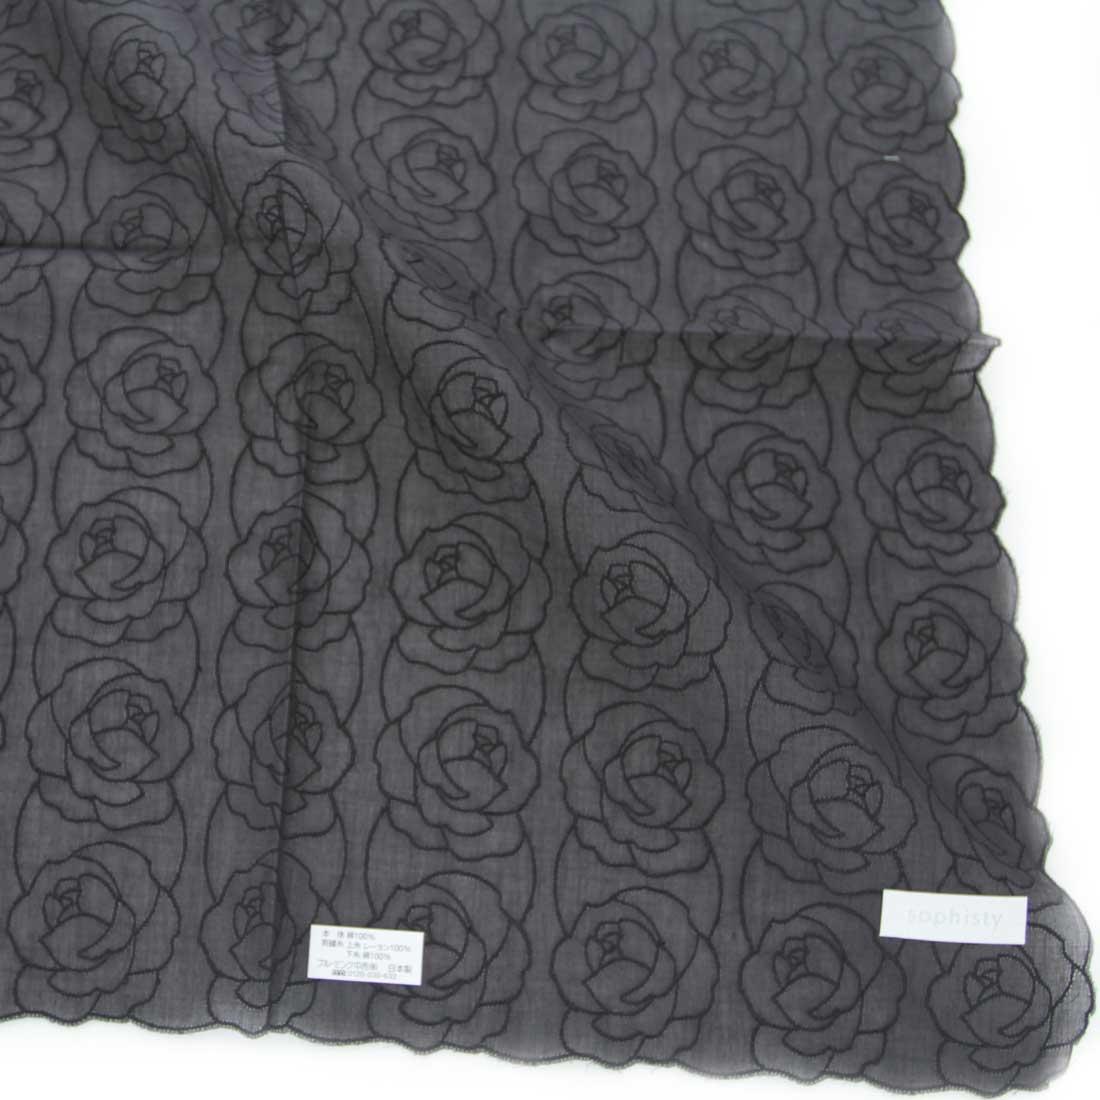 ソフィスティ 刺繍入りハンカチ 0201 ブラック